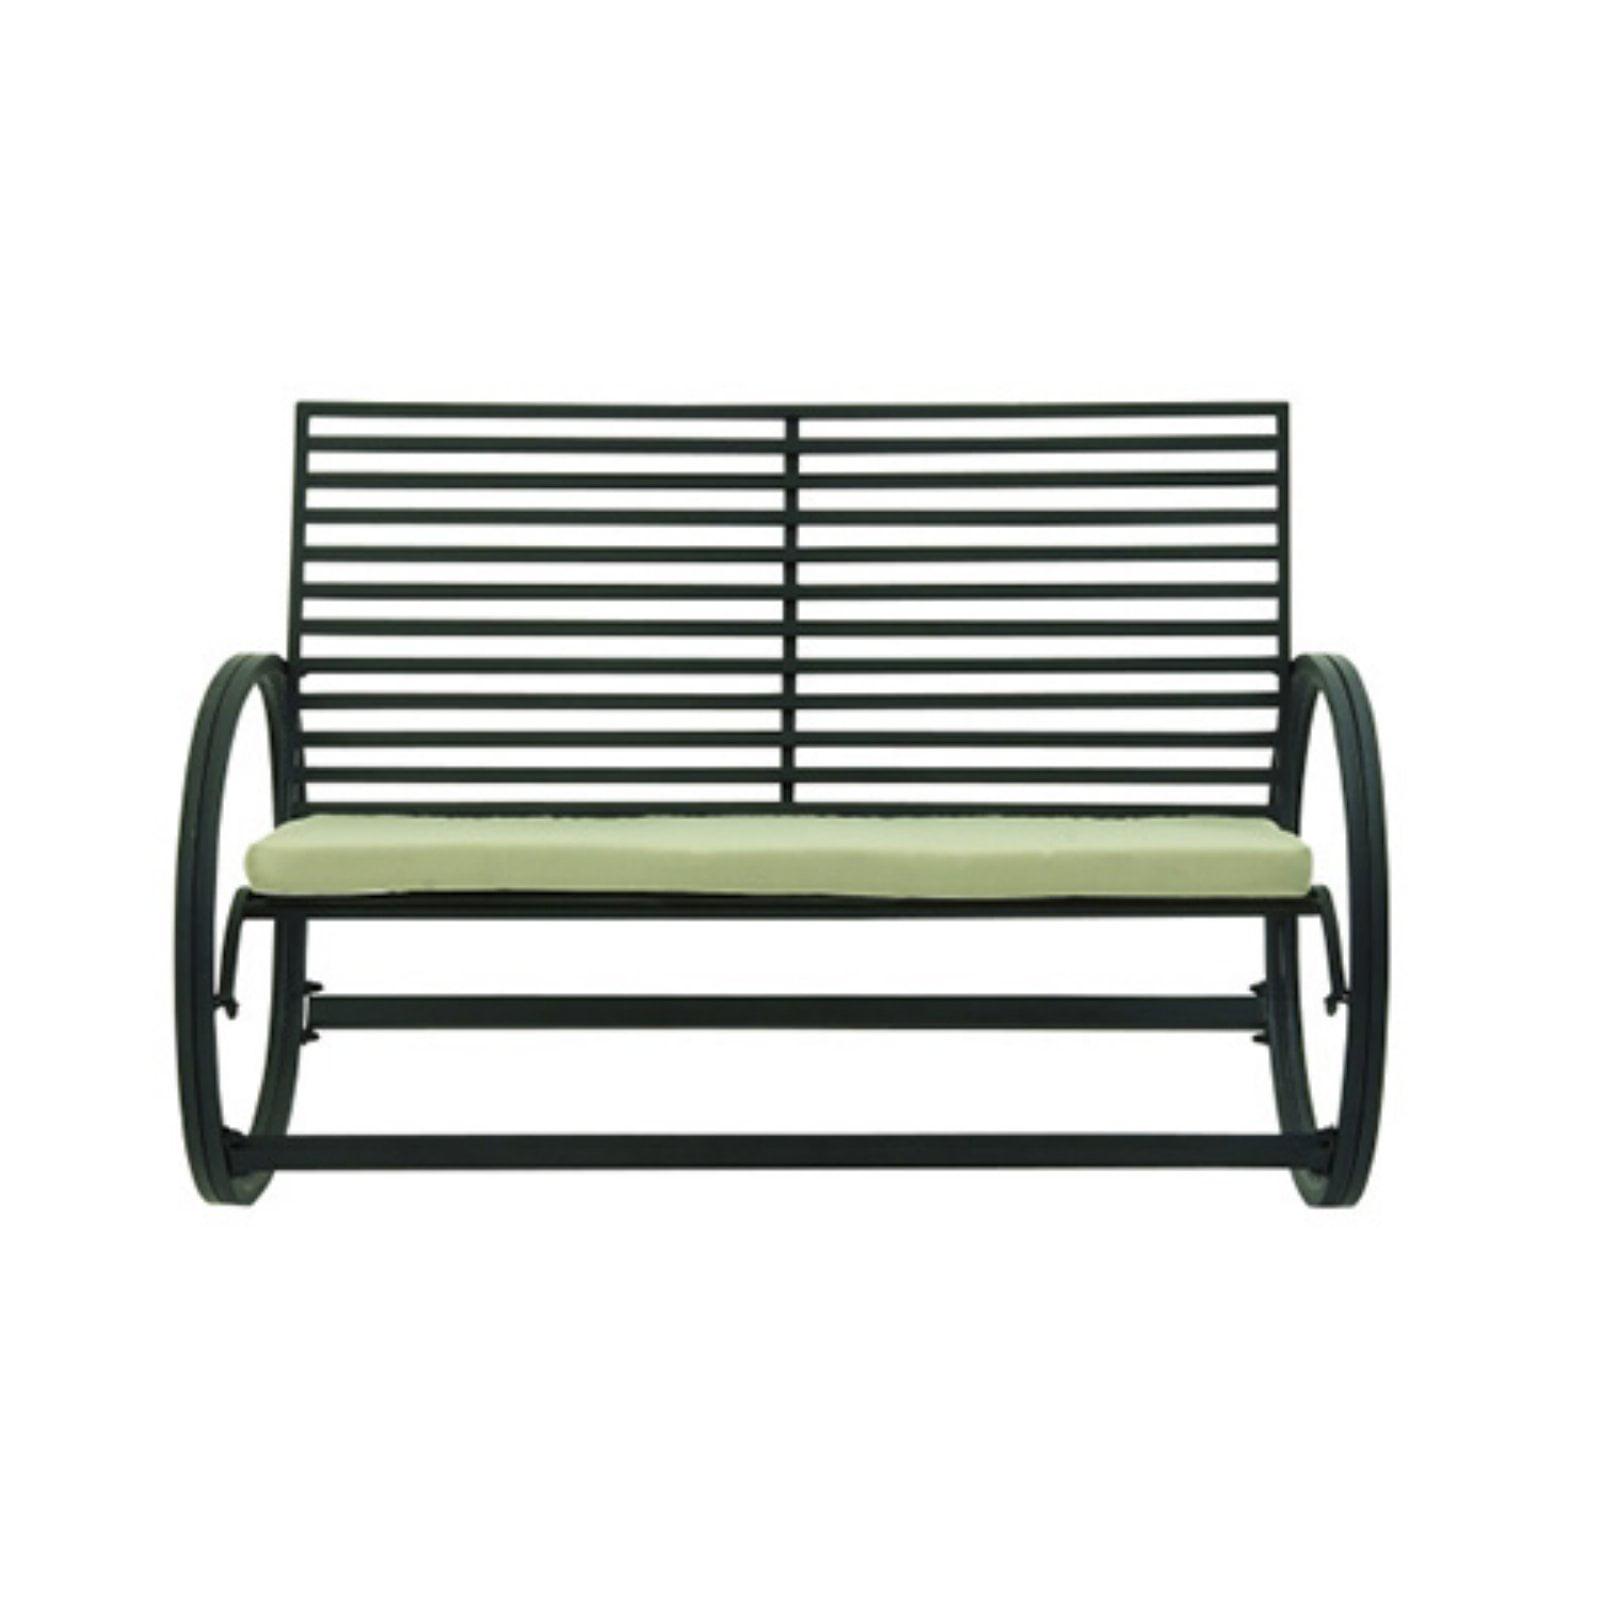 Appealing Metal Fabric Rocking Bench by Benzara